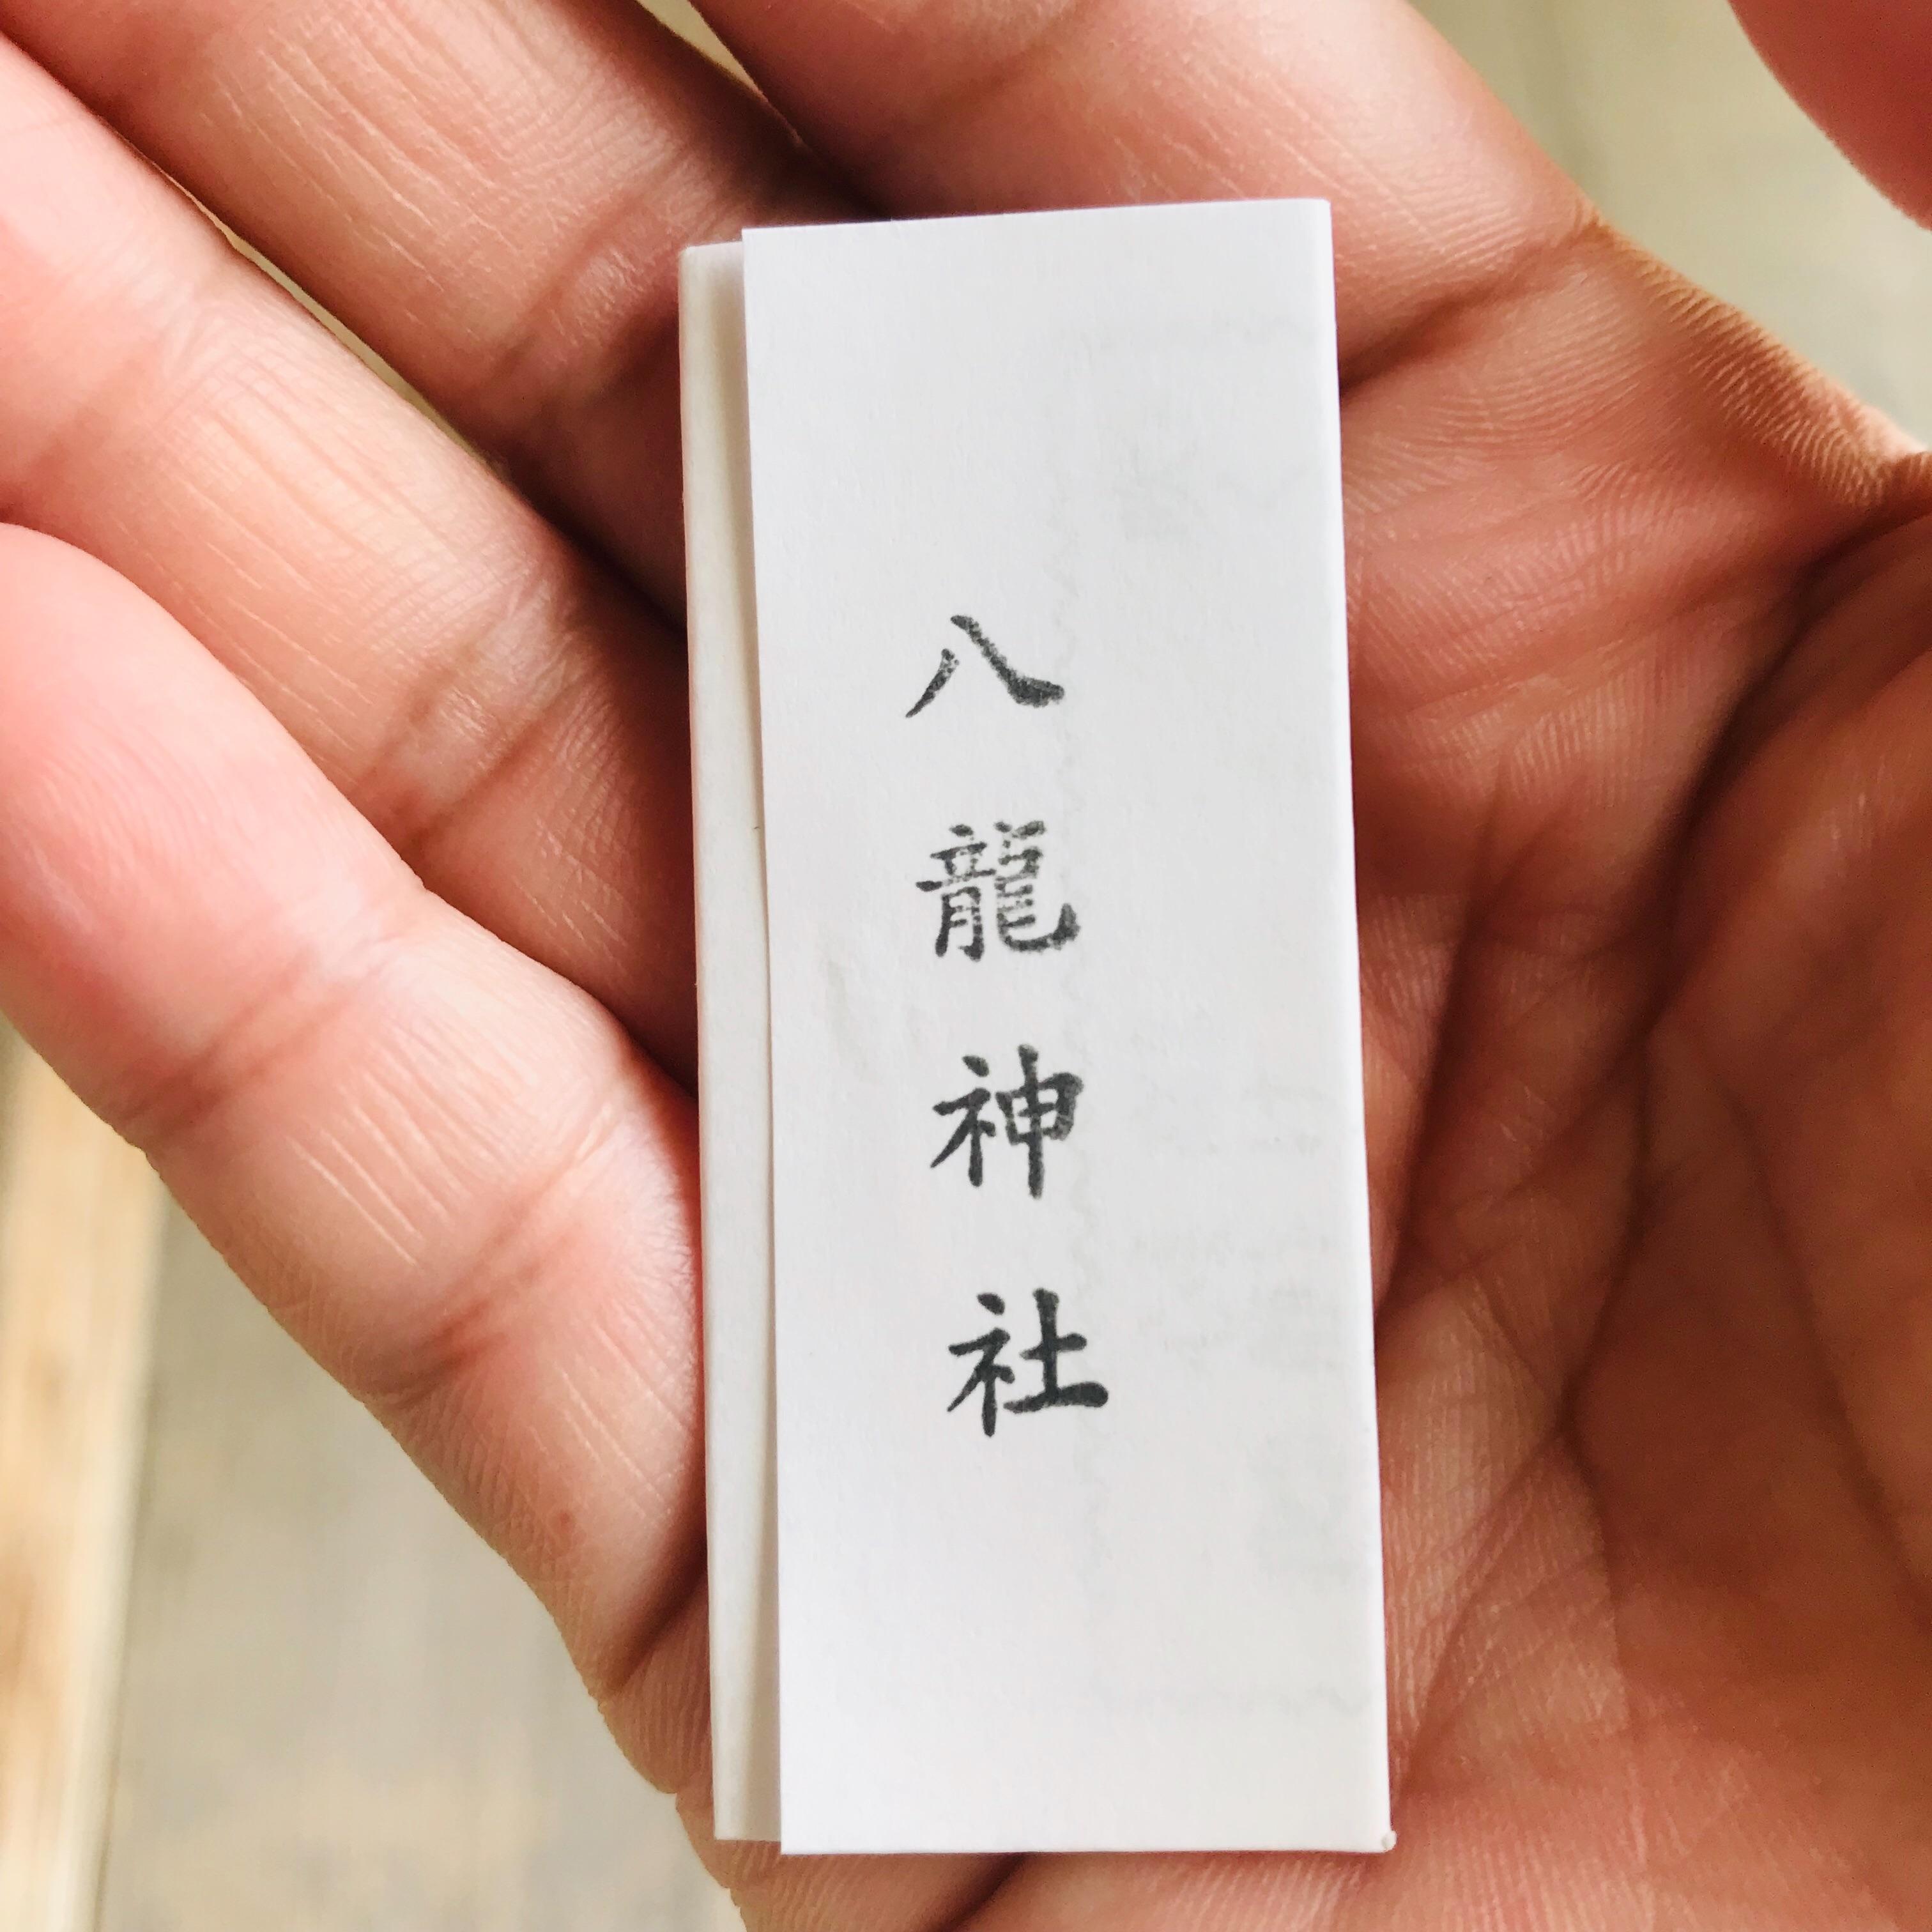 f:id:hana_su-hi:20190514095953j:image